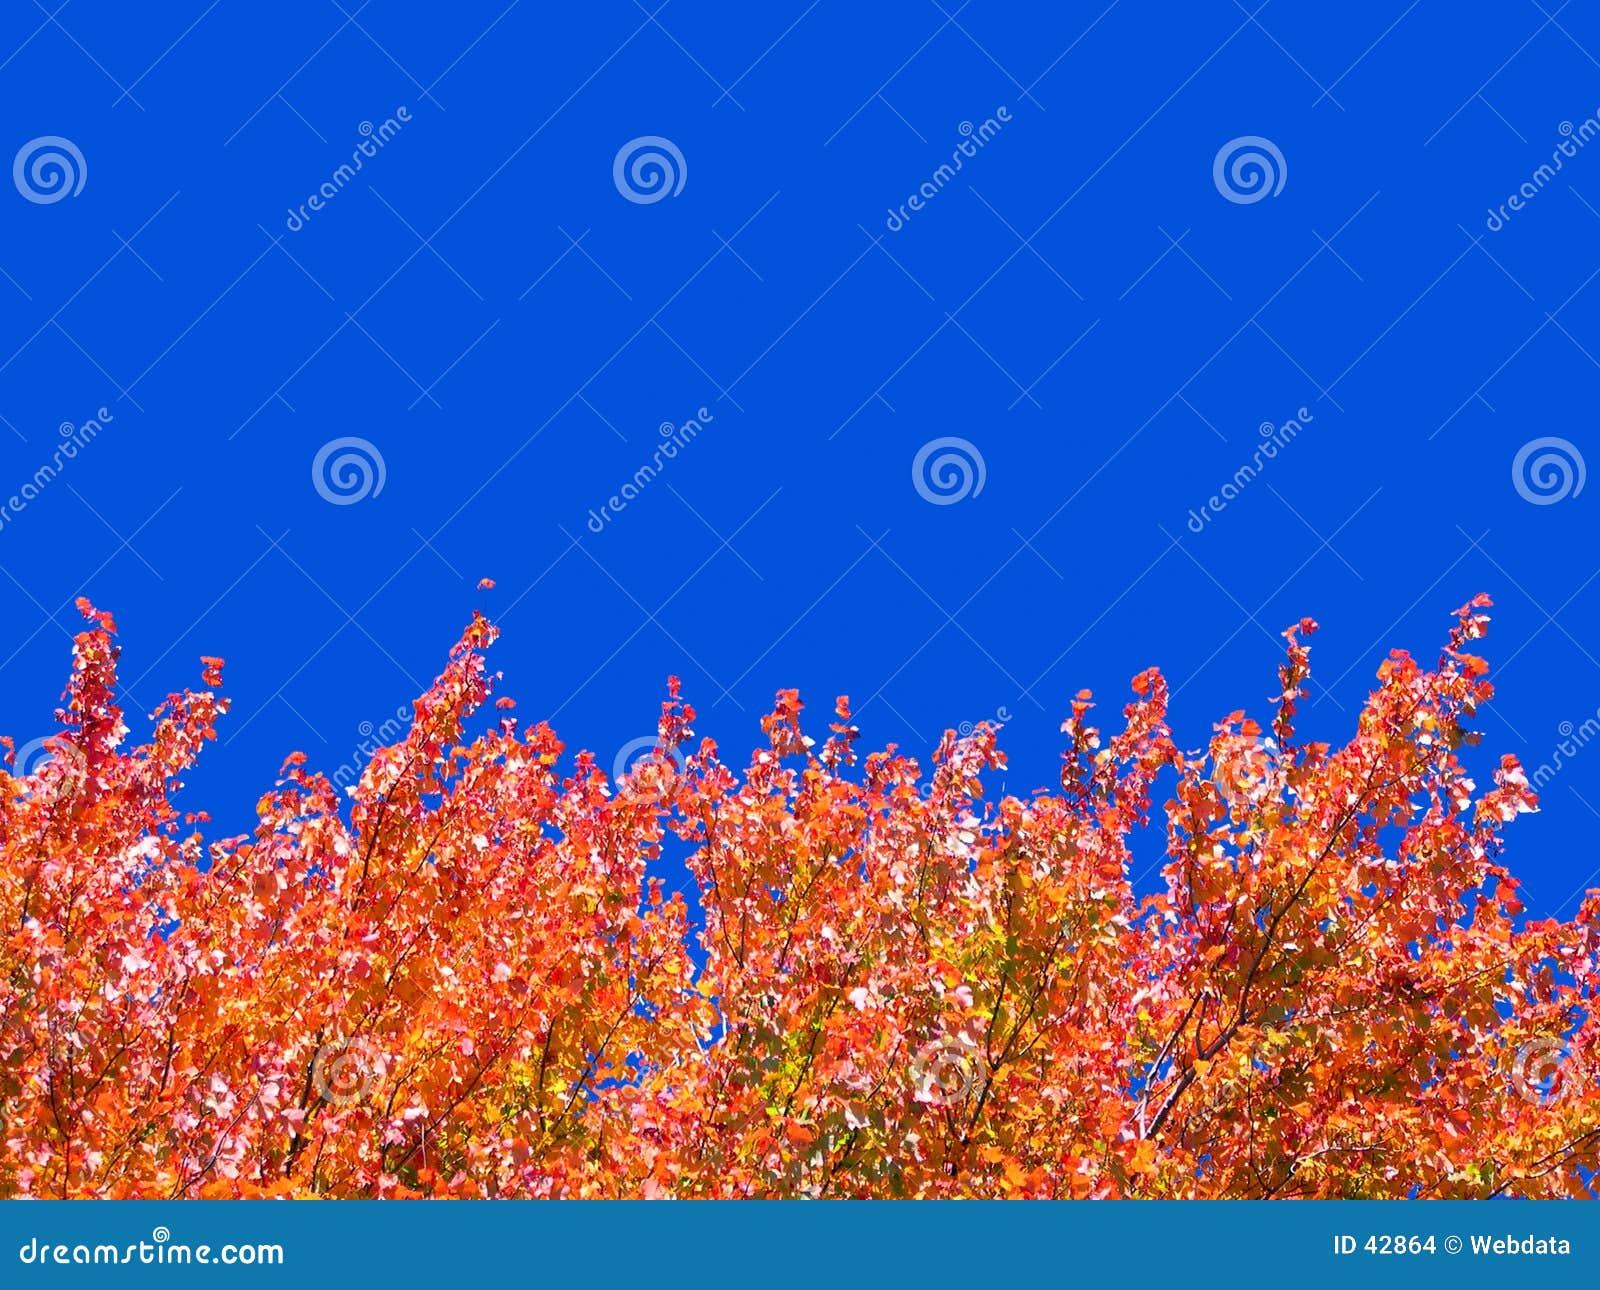 Autumn tree tops